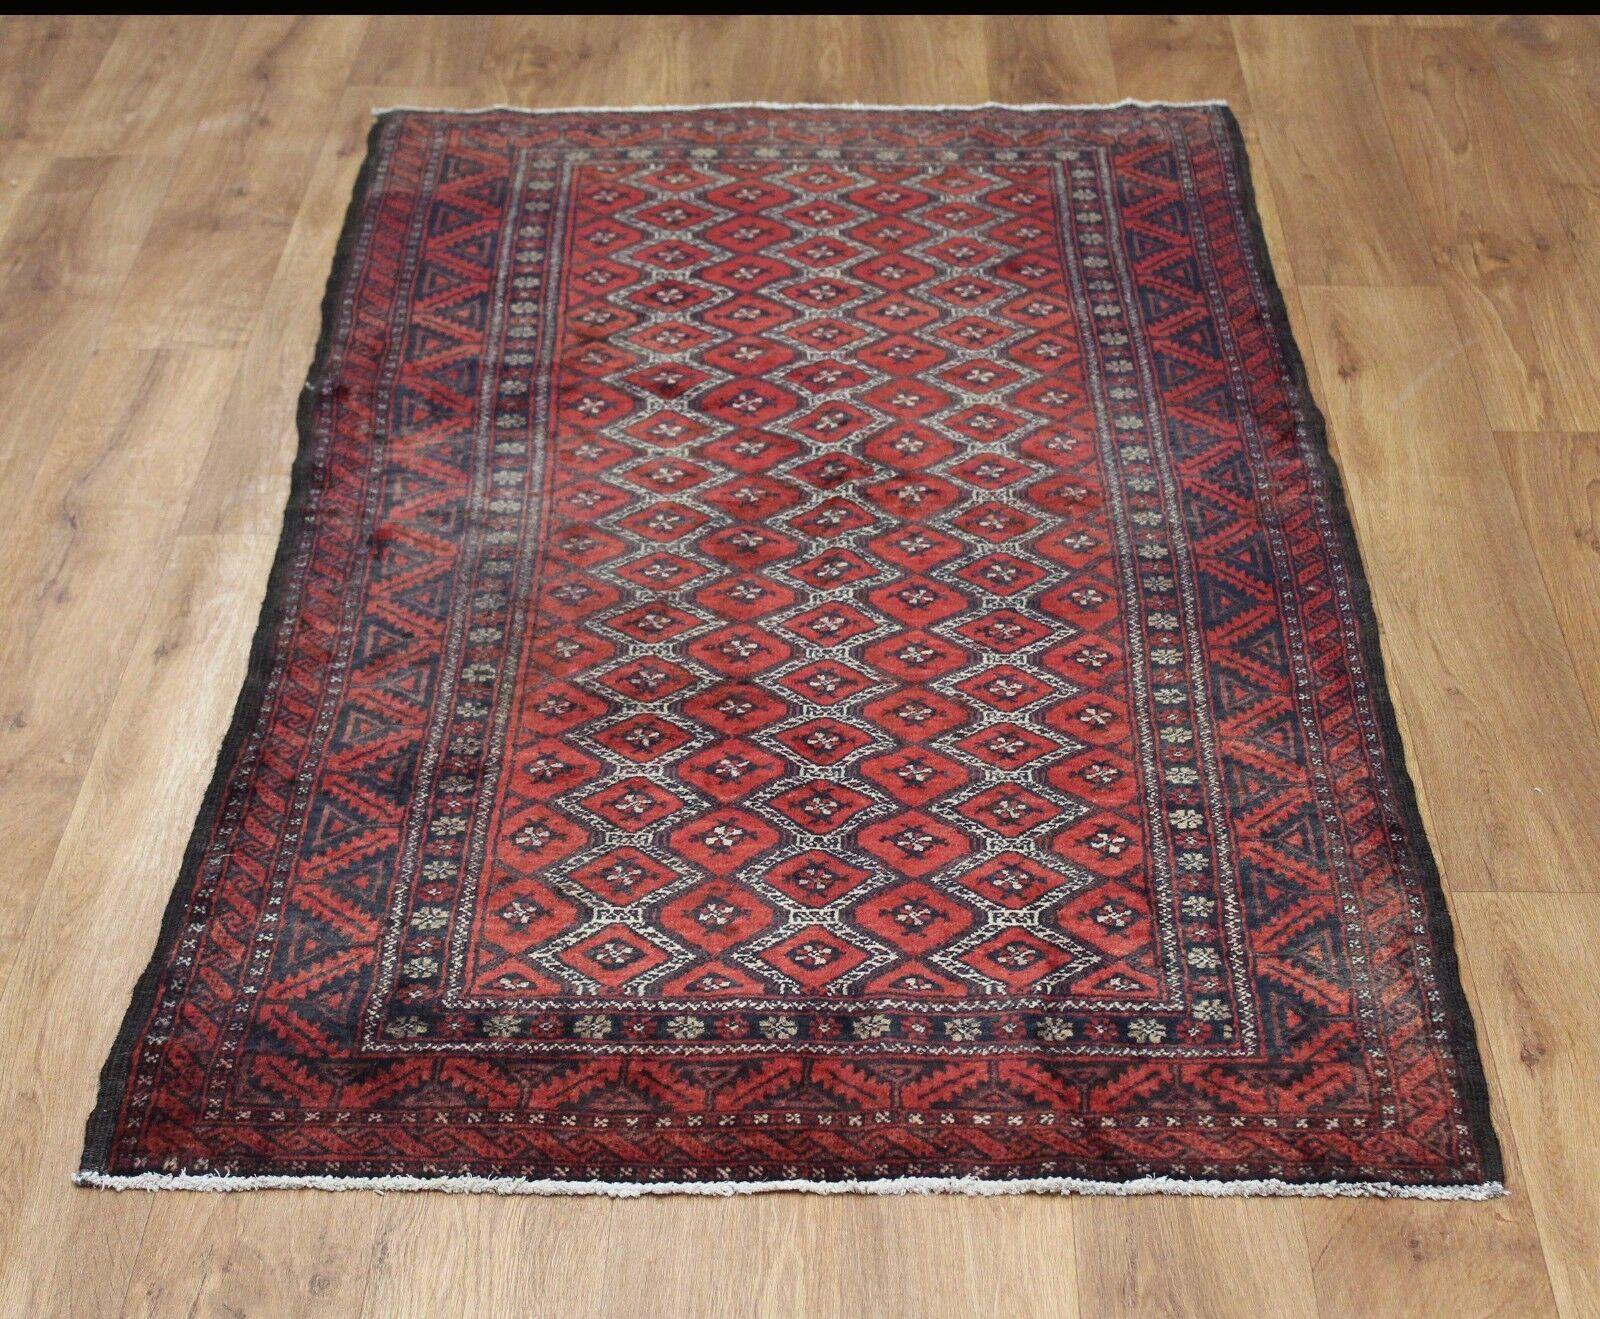 Tradizionale lana vintage 175cmX 90cm Tappeto orientale fatto a mano mano mano Carpet Rugs a43e15